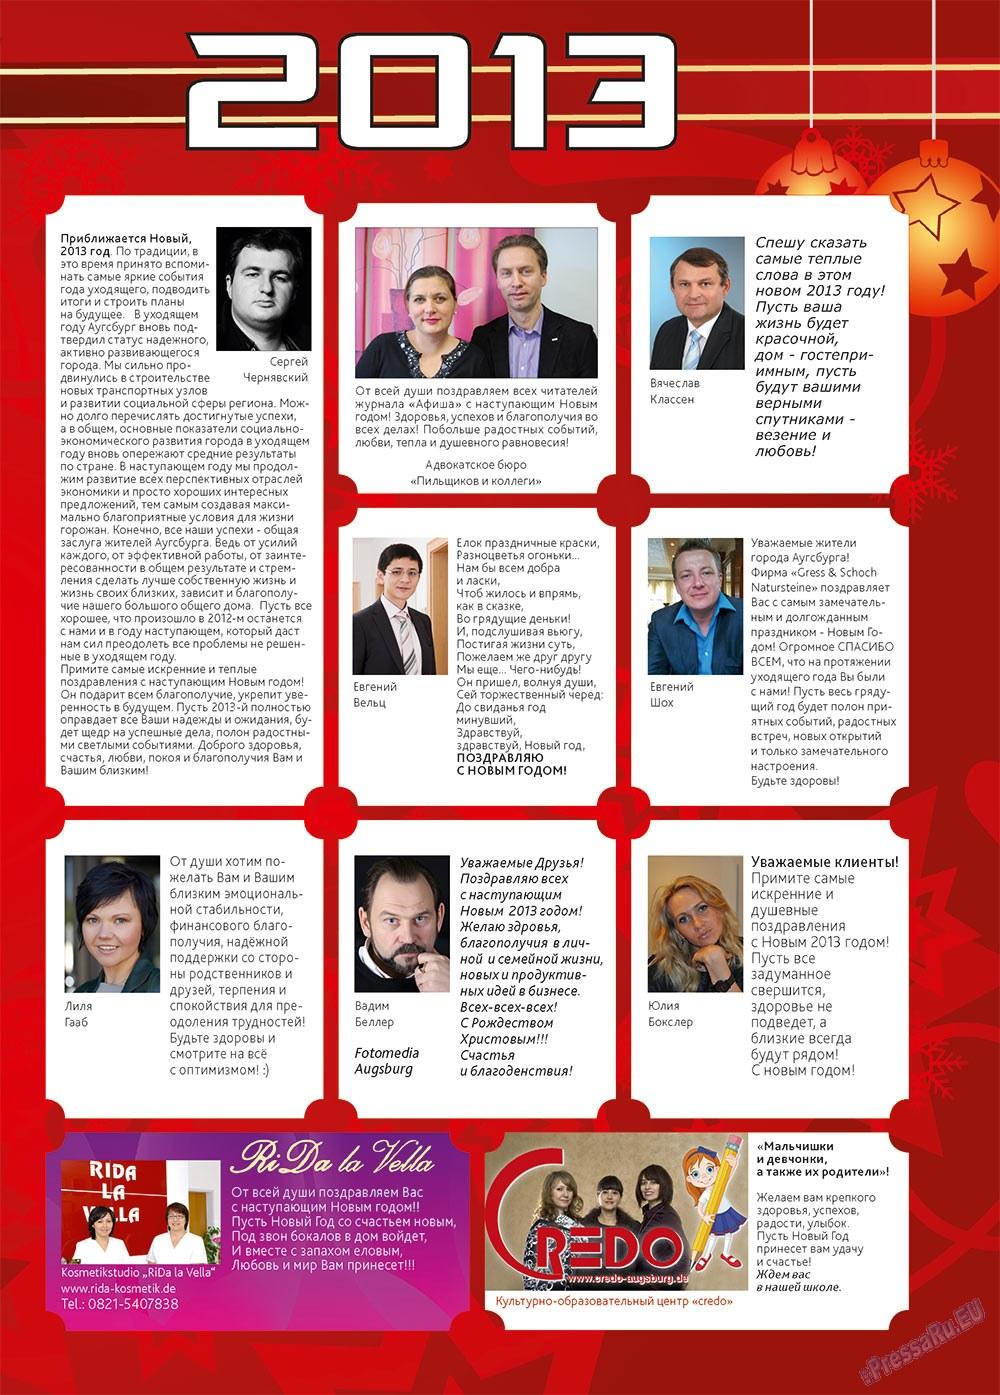 Афиша Augsburg (журнал). 2012 год, номер 12, стр. 9